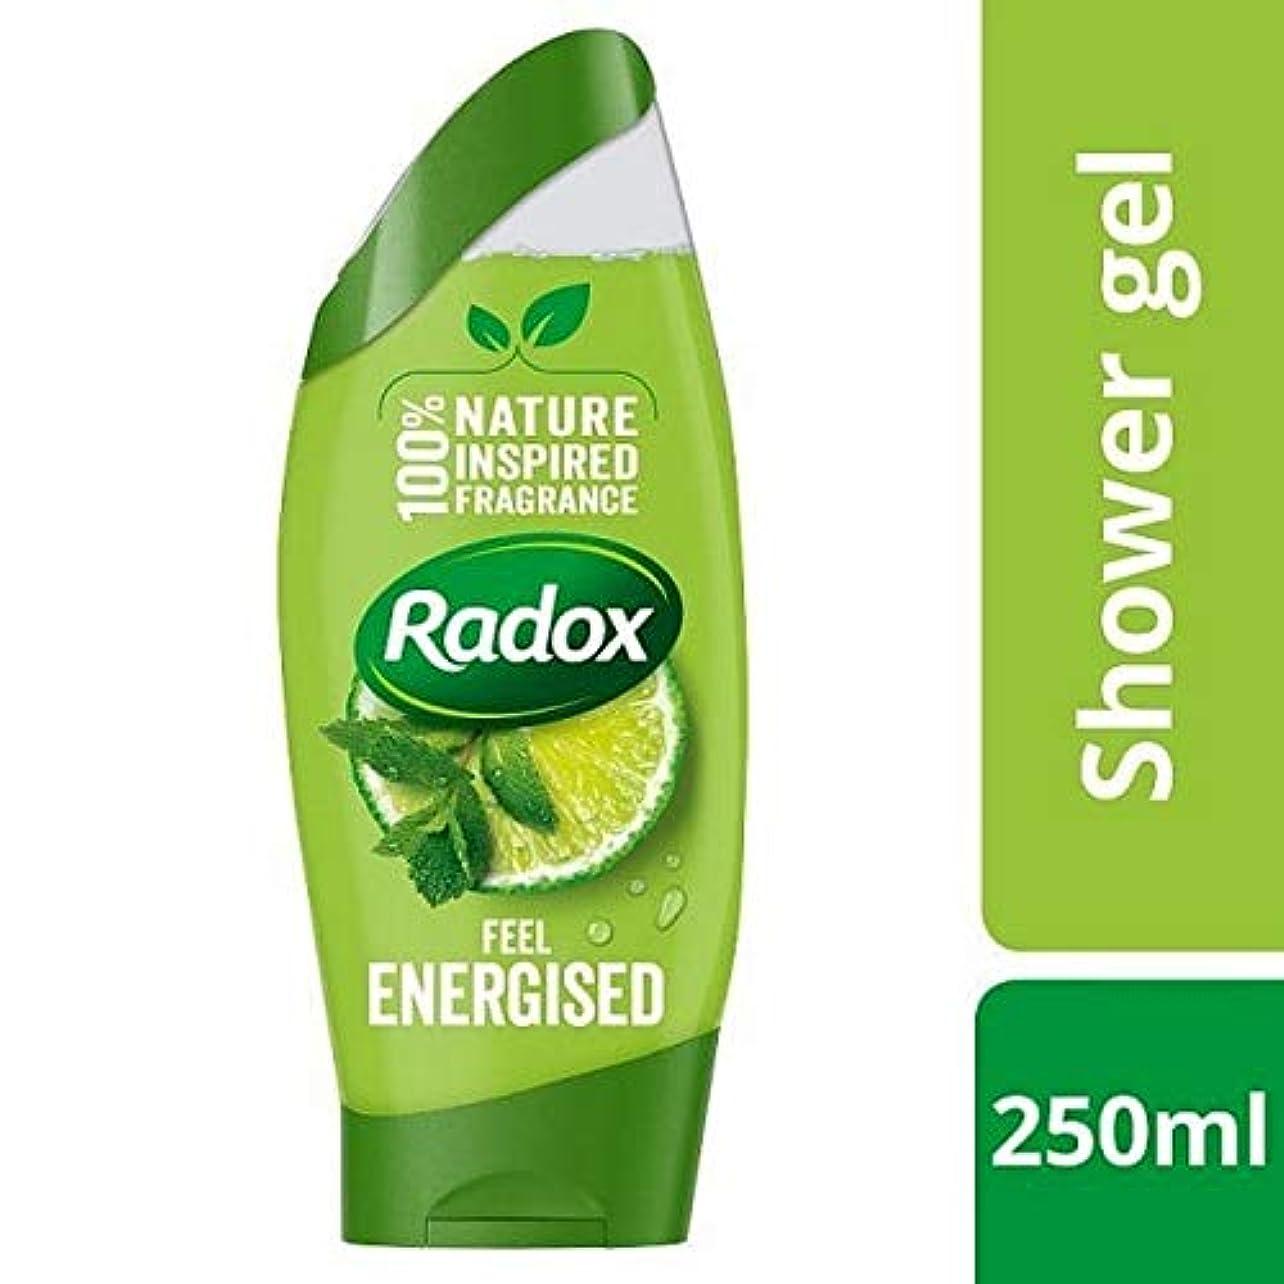 レインコート合わせて追い出す[Radox] Radoxは通電シャワージェル250ミリリットルを感じます - Radox Feel Energised Shower Gel 250ml [並行輸入品]